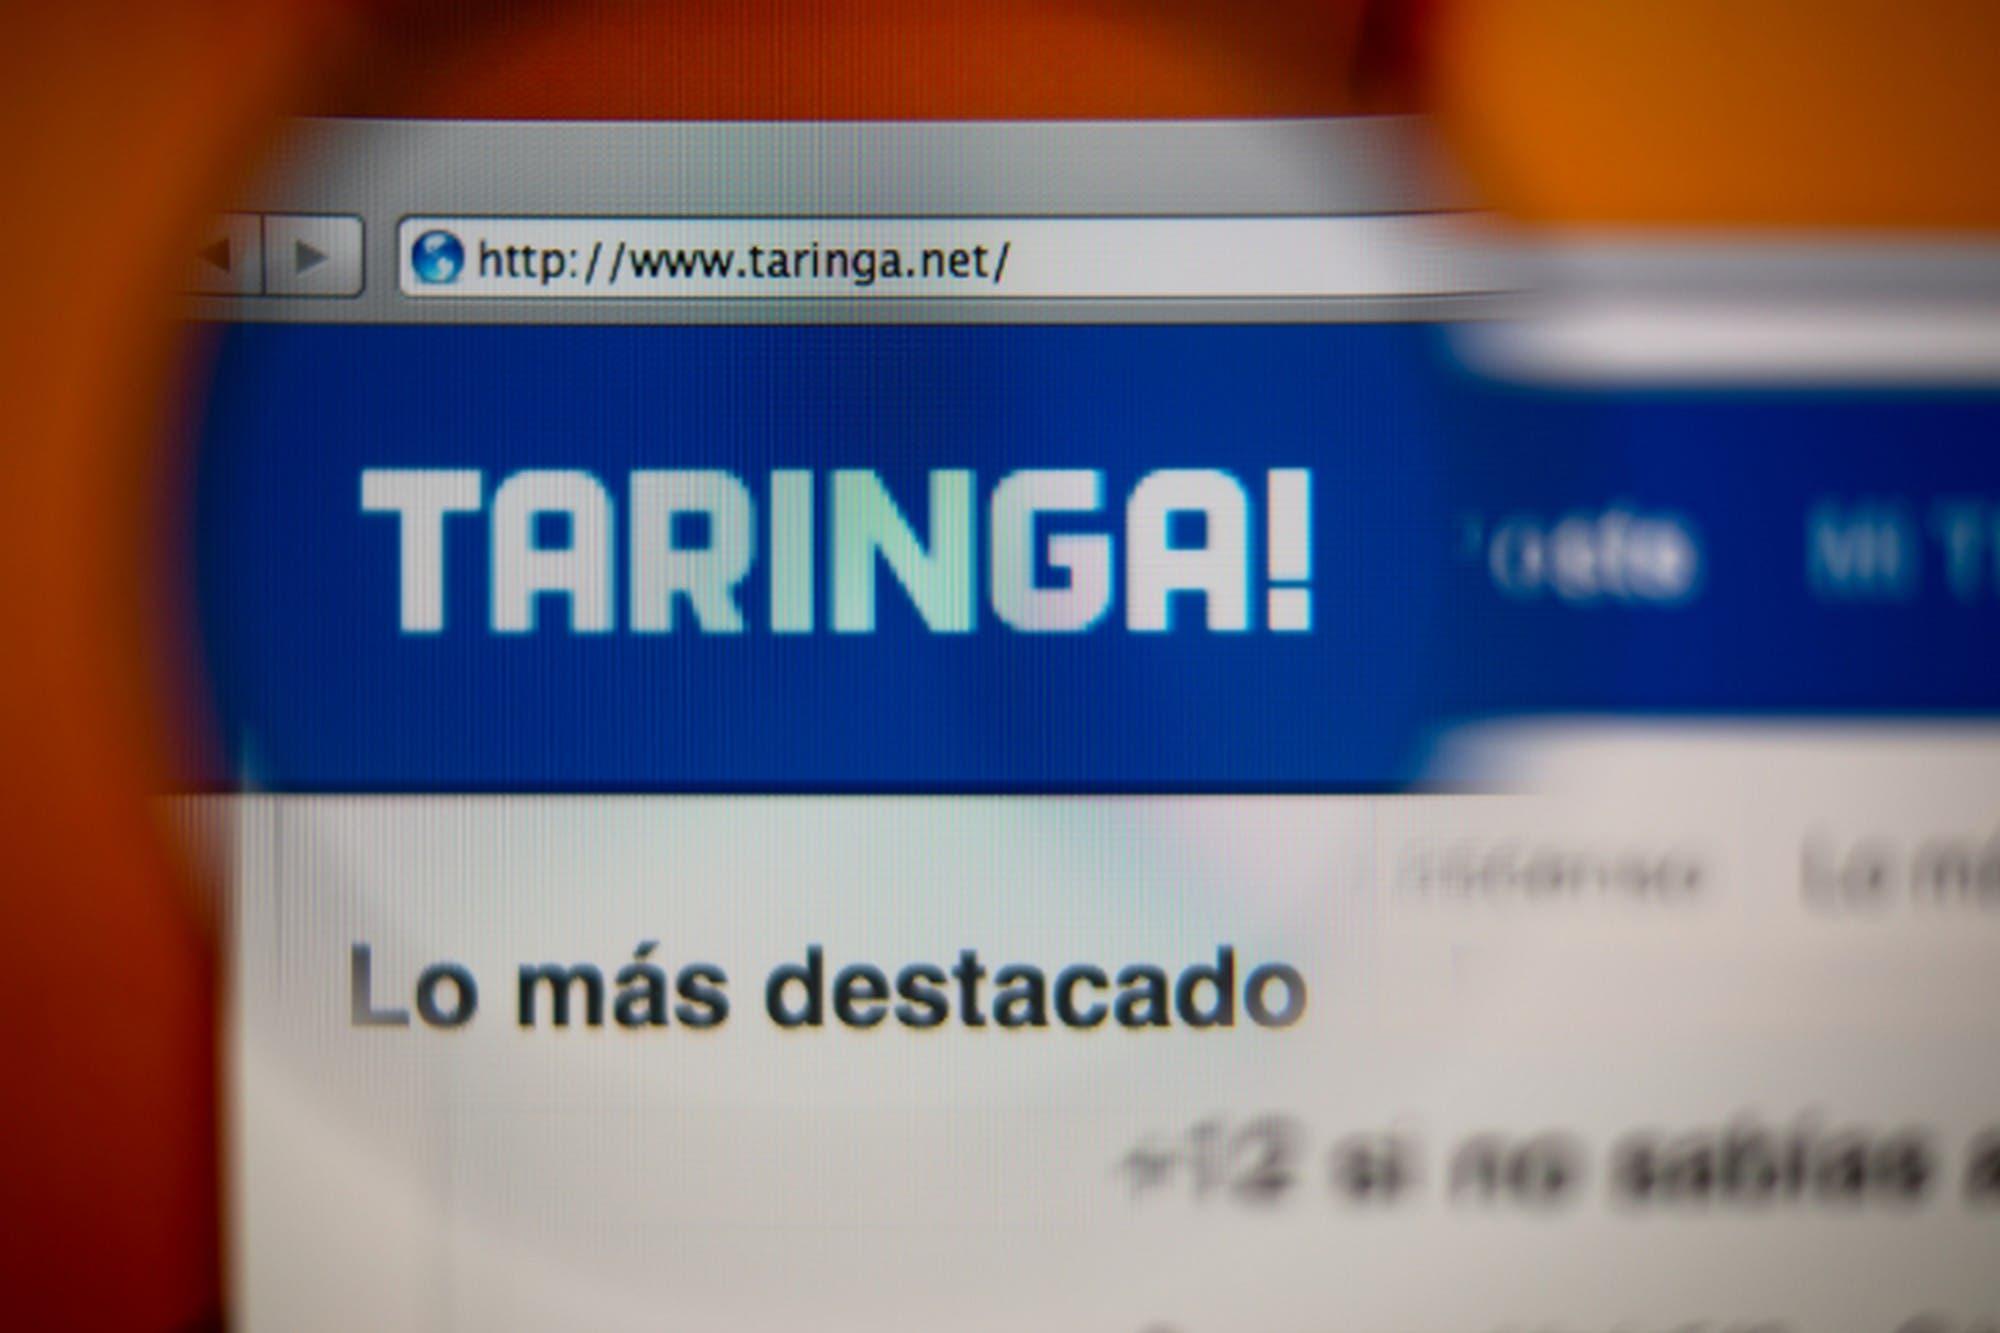 Cómo Taringa! está luchando contra los comentarios tóxicos en su comunidad